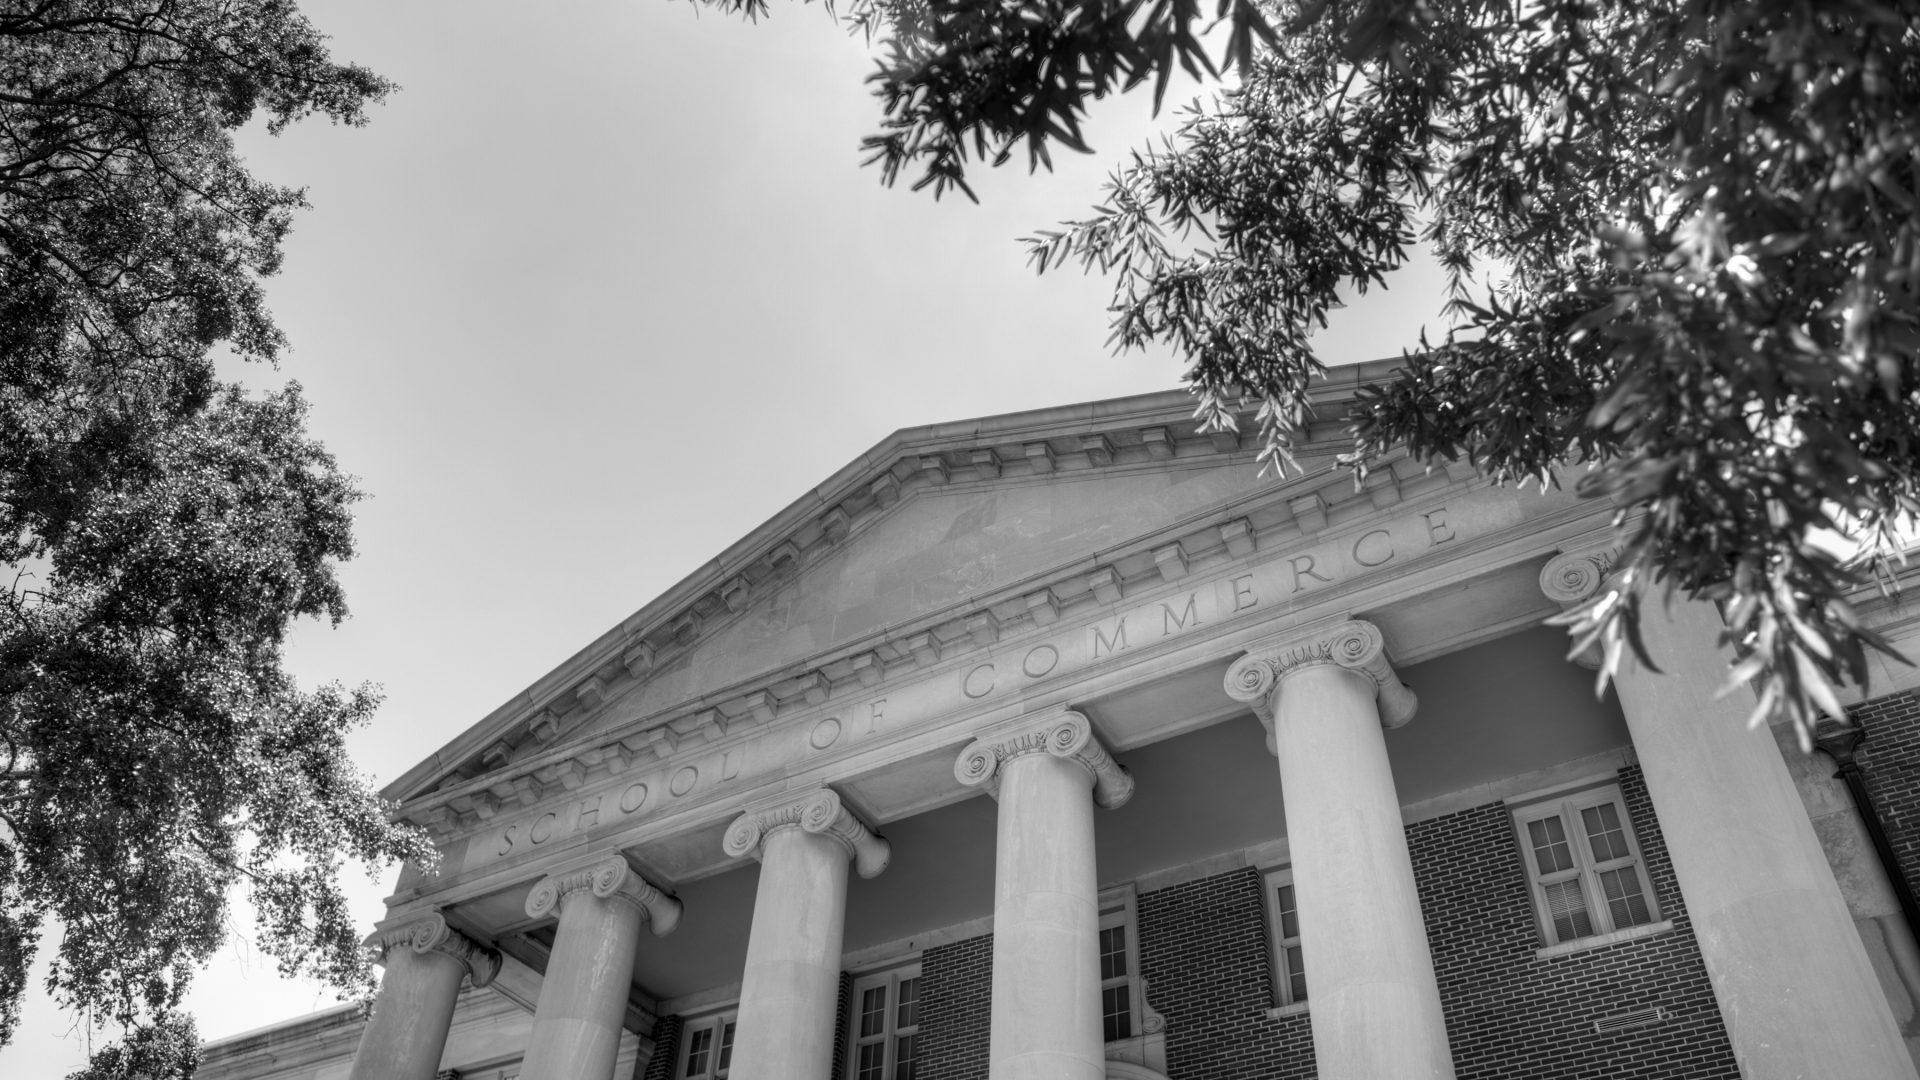 Bidgood Hall